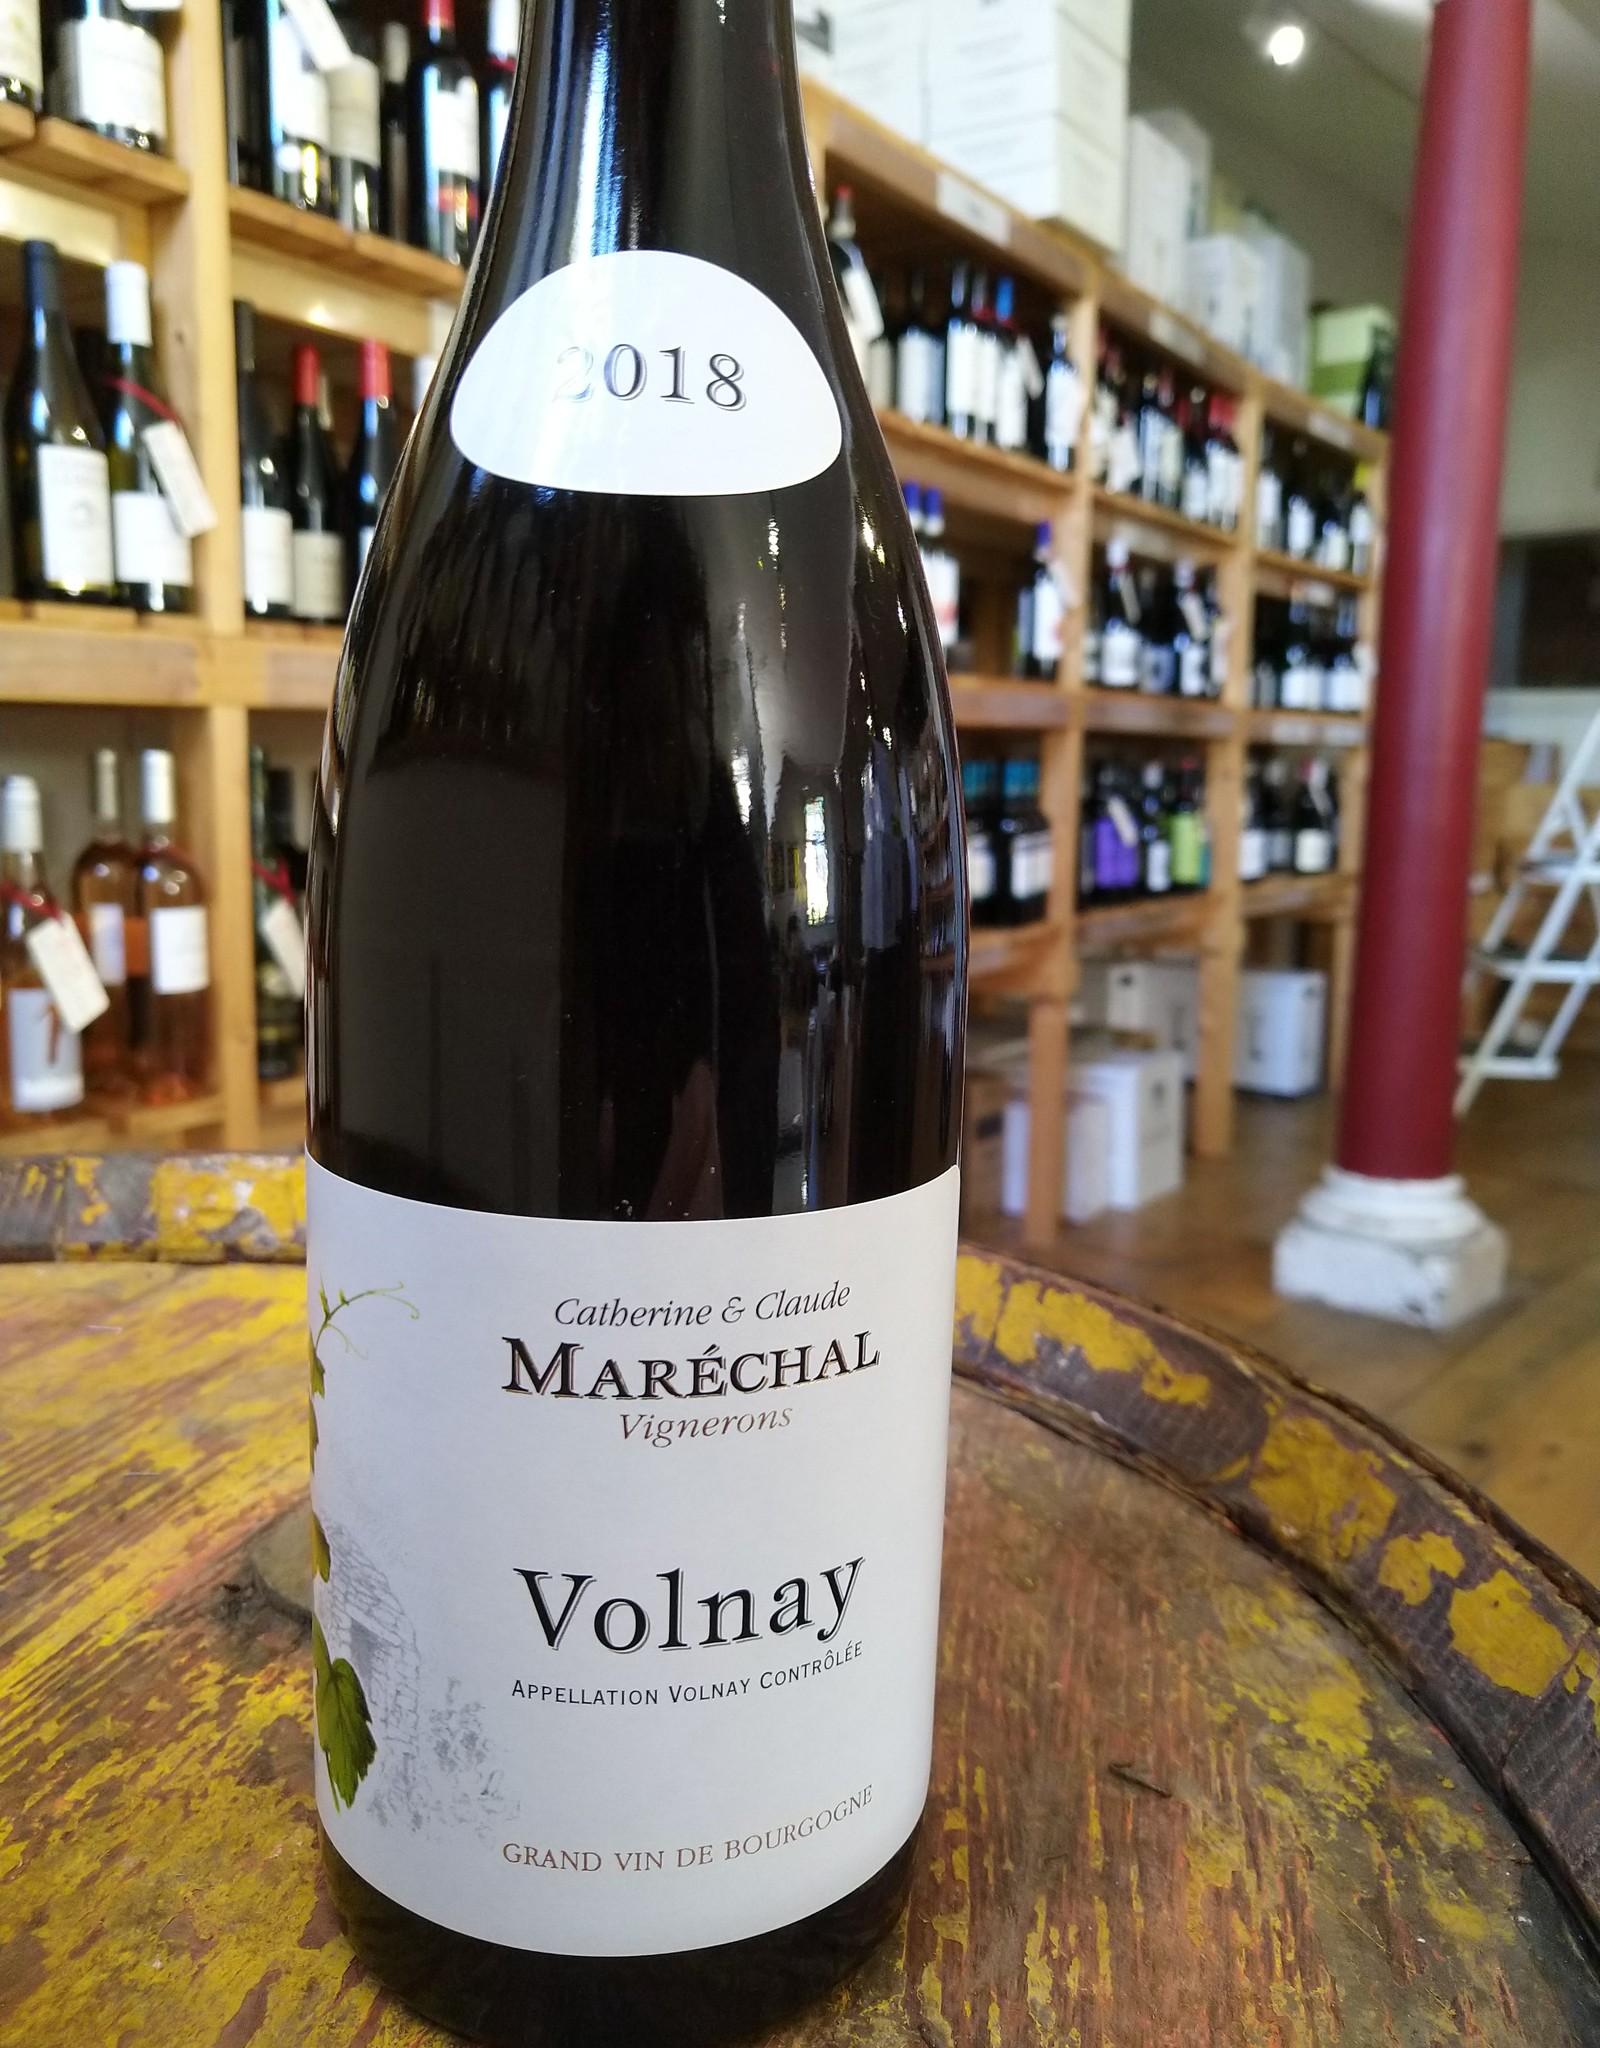 Domaine Catherine et Claude Marechal Volnay 2018